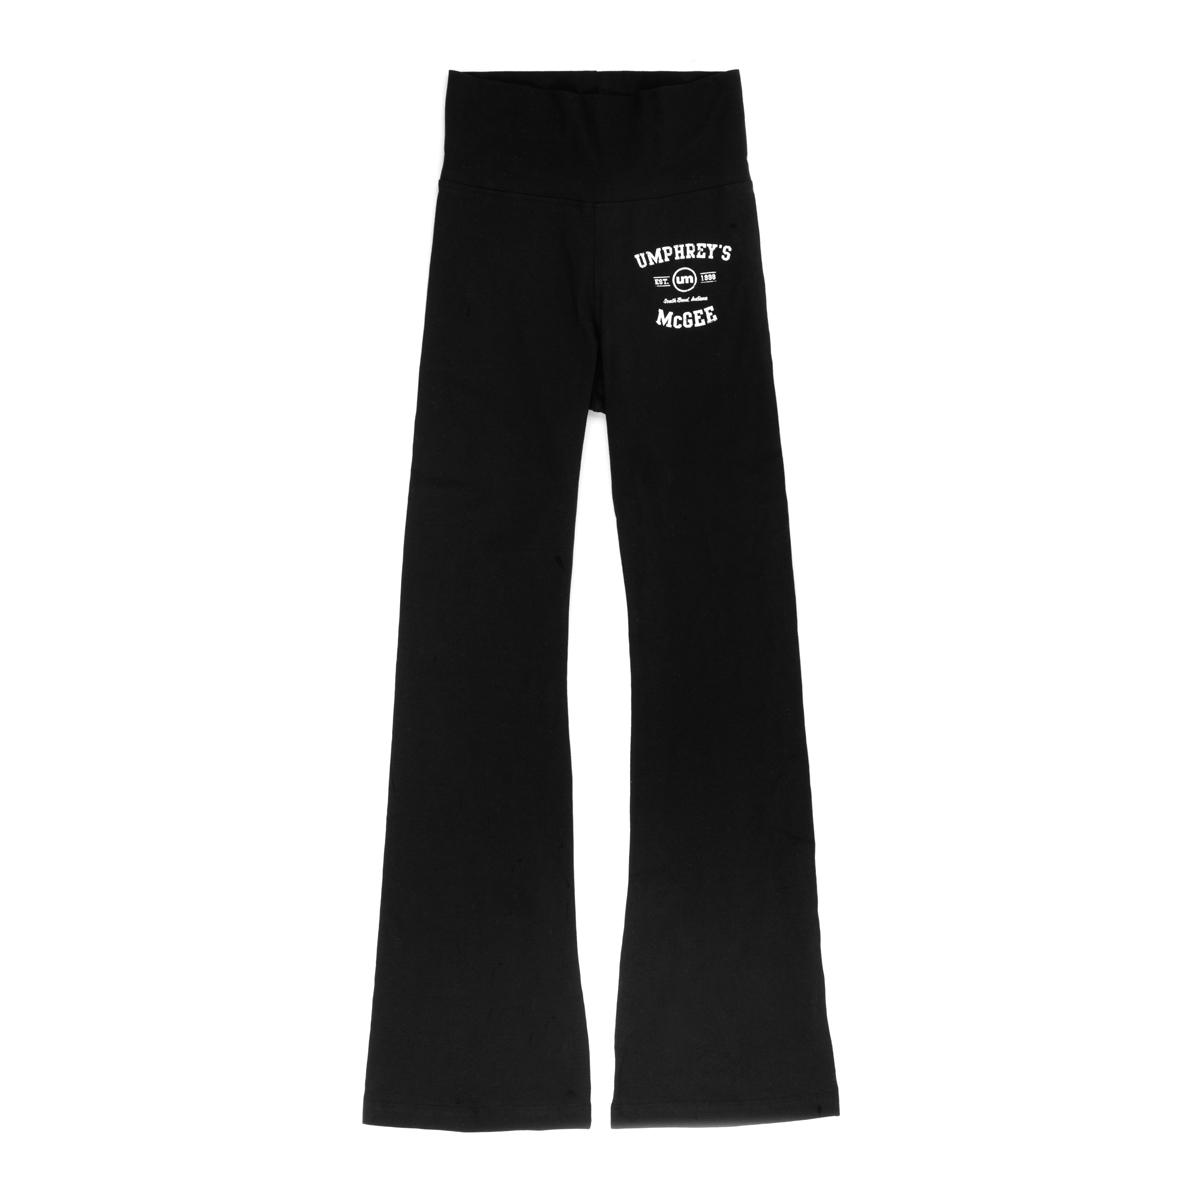 Women's Yoga Pants